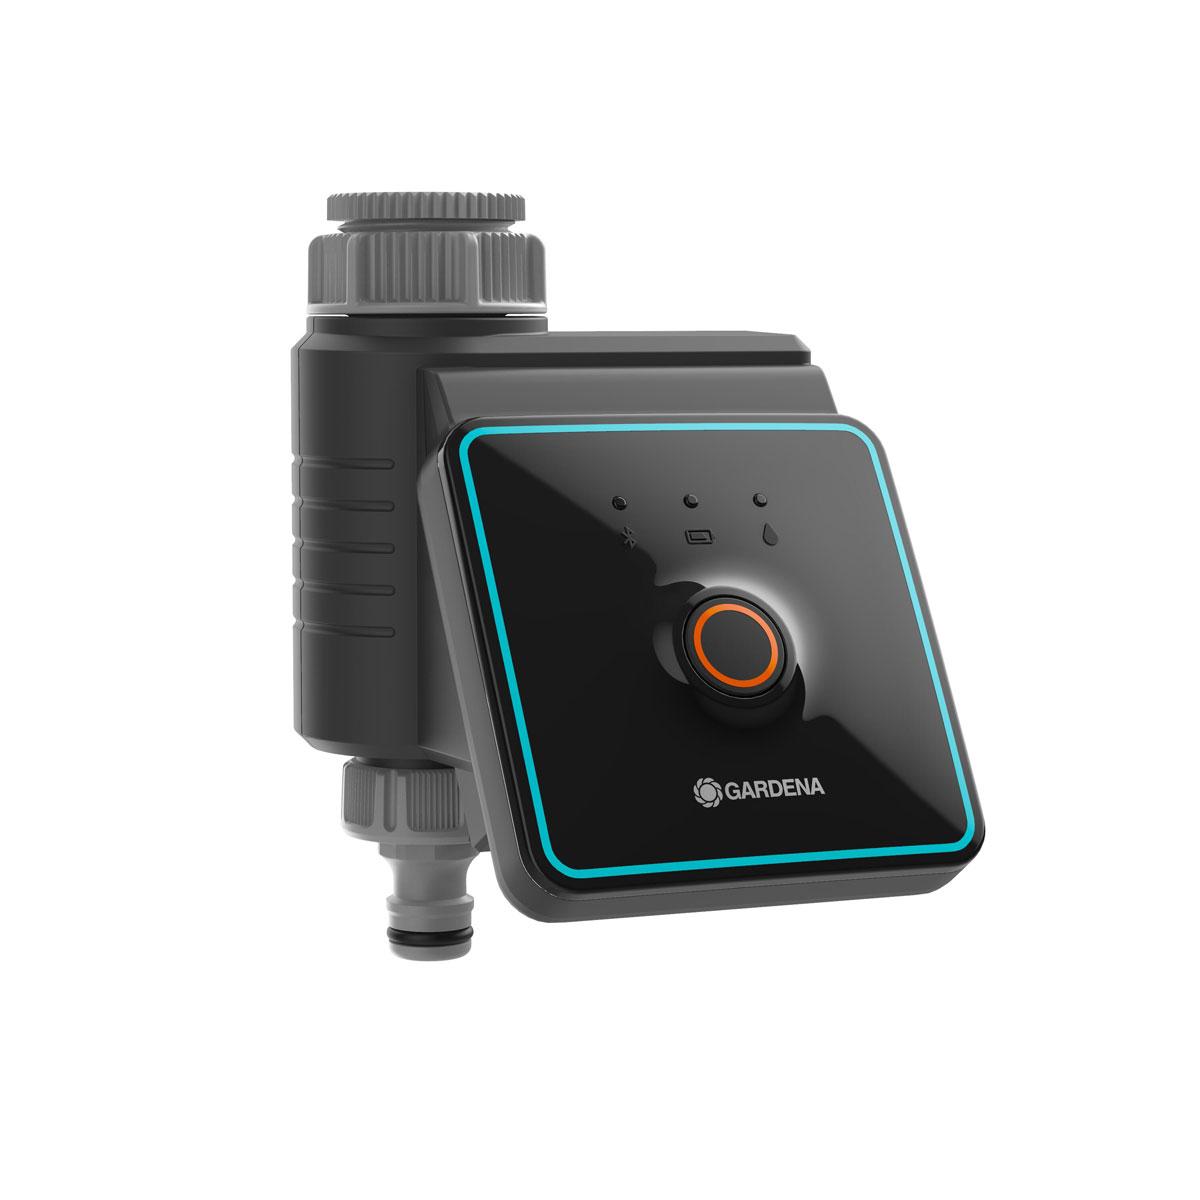 Gardena Bewässerungssteuerung, mit Bluetooth